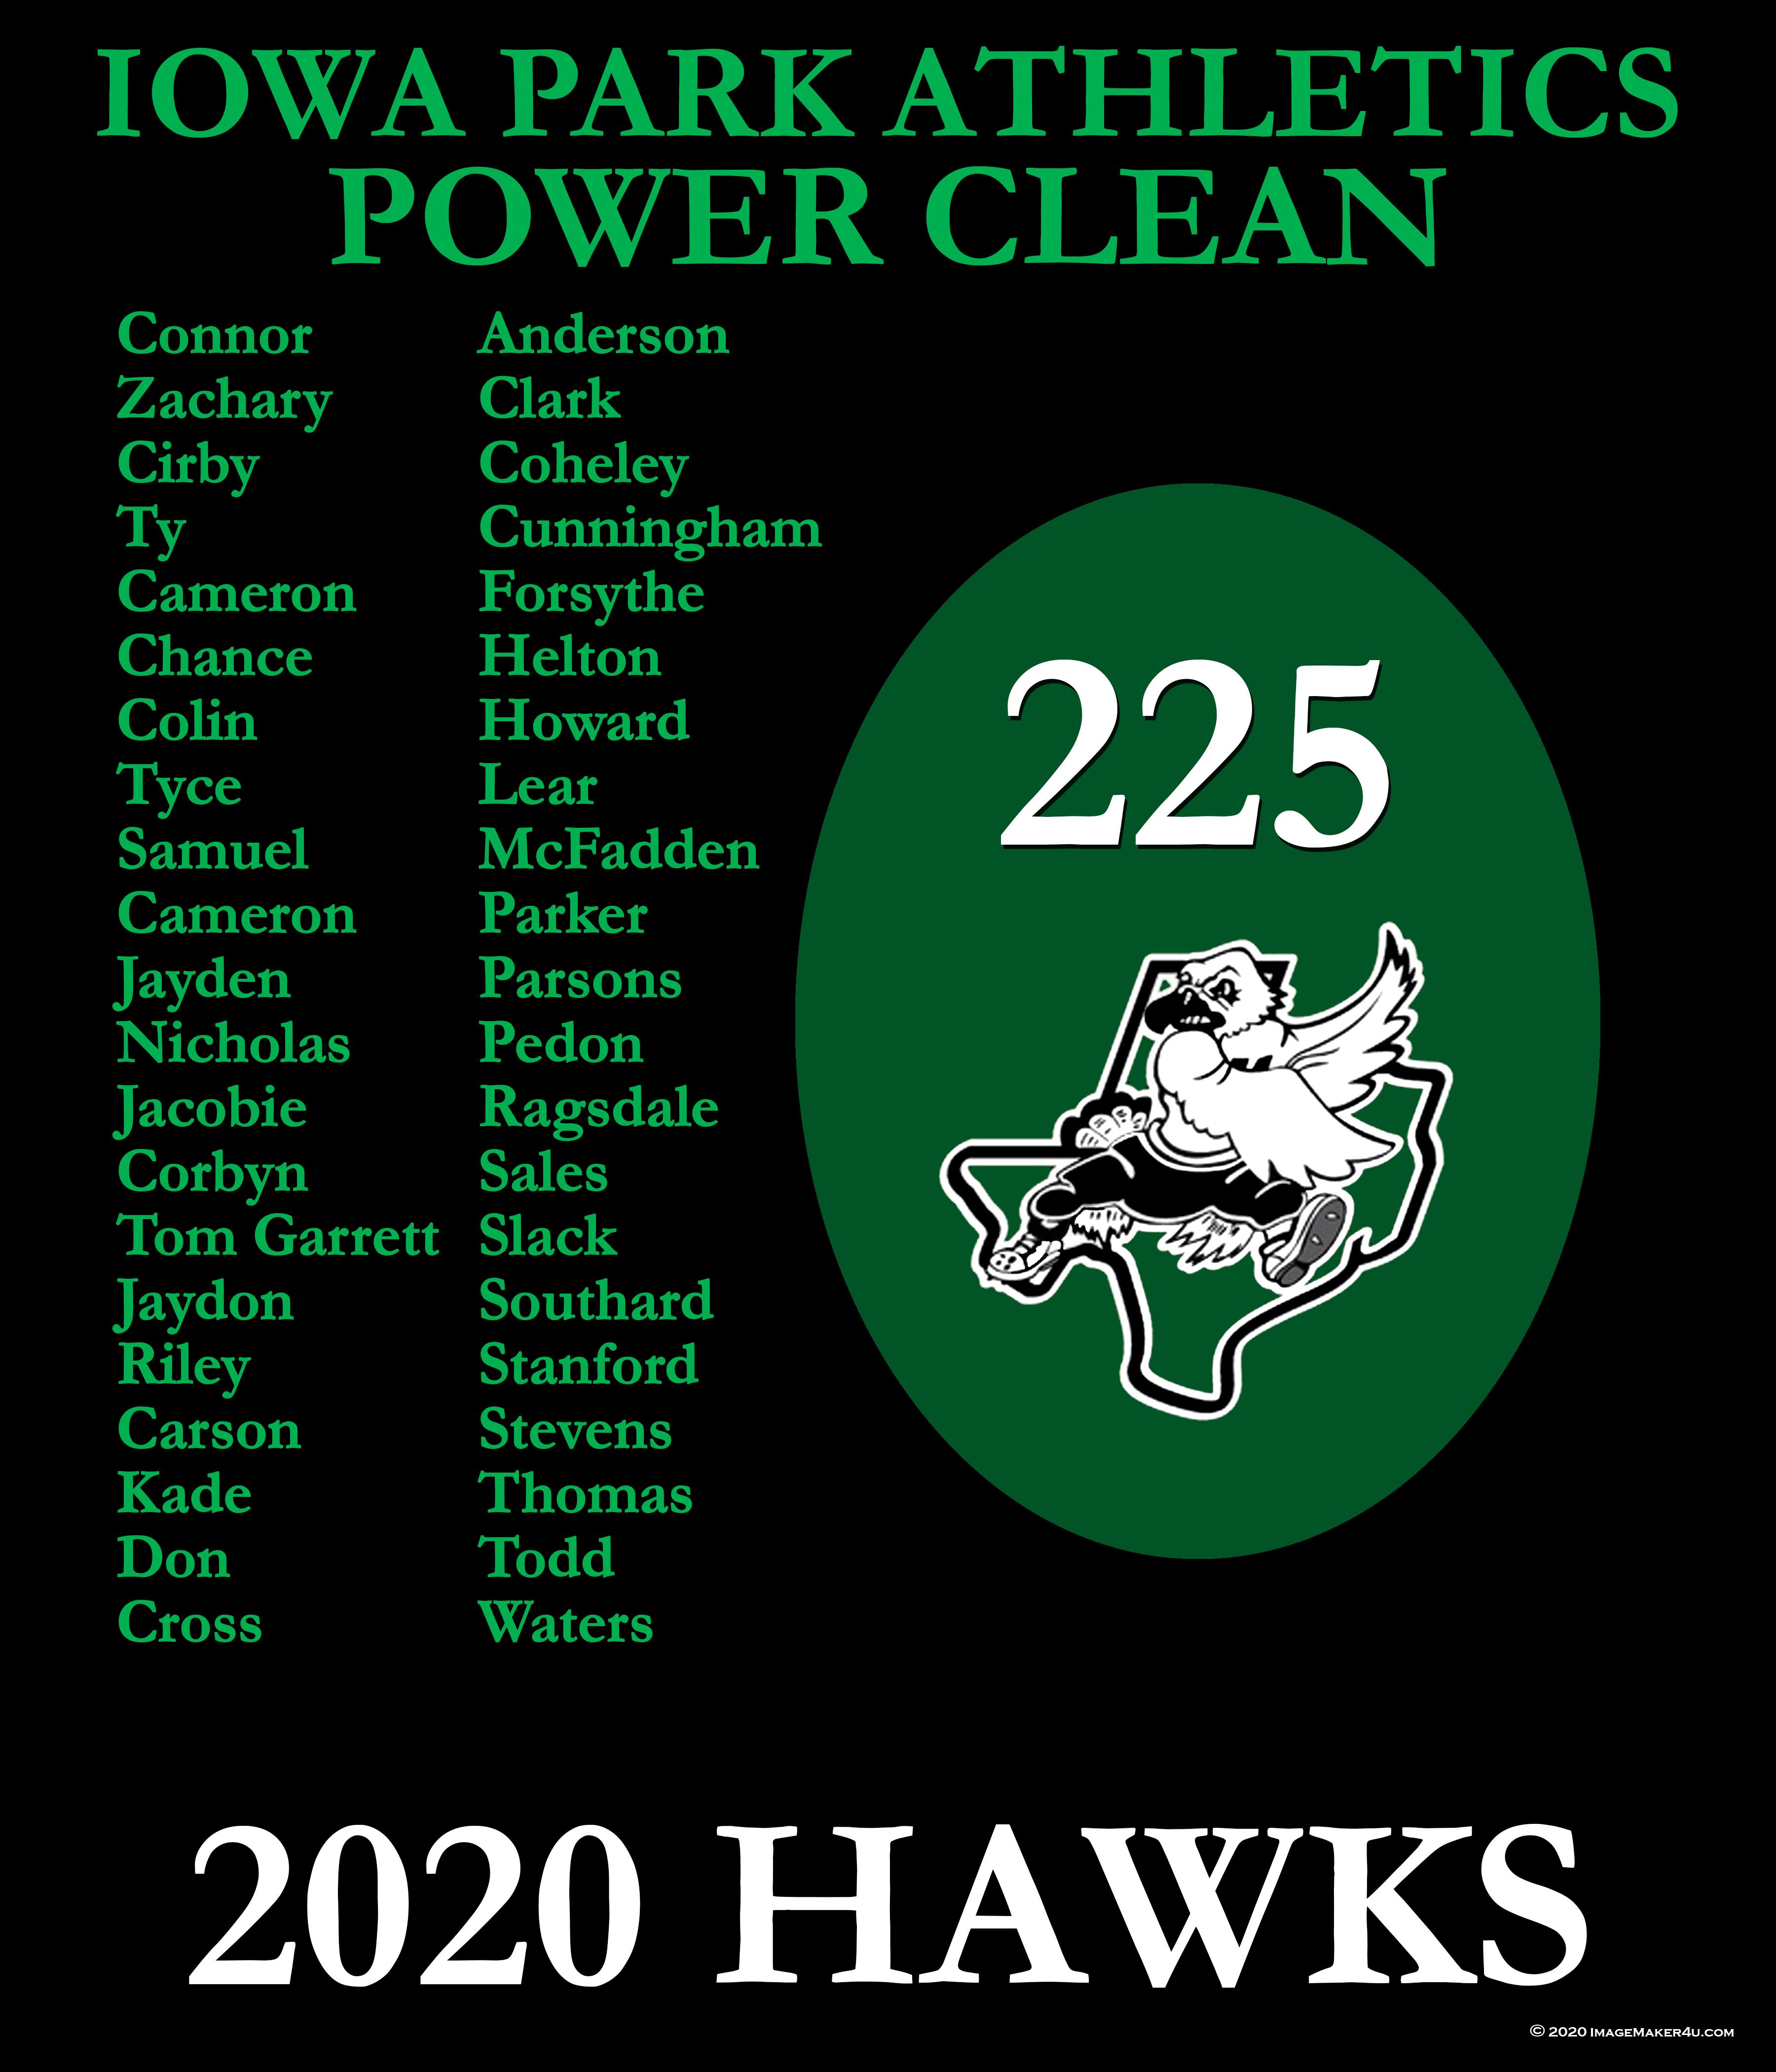 Iowa Park 2019 Power Clean board 42x36